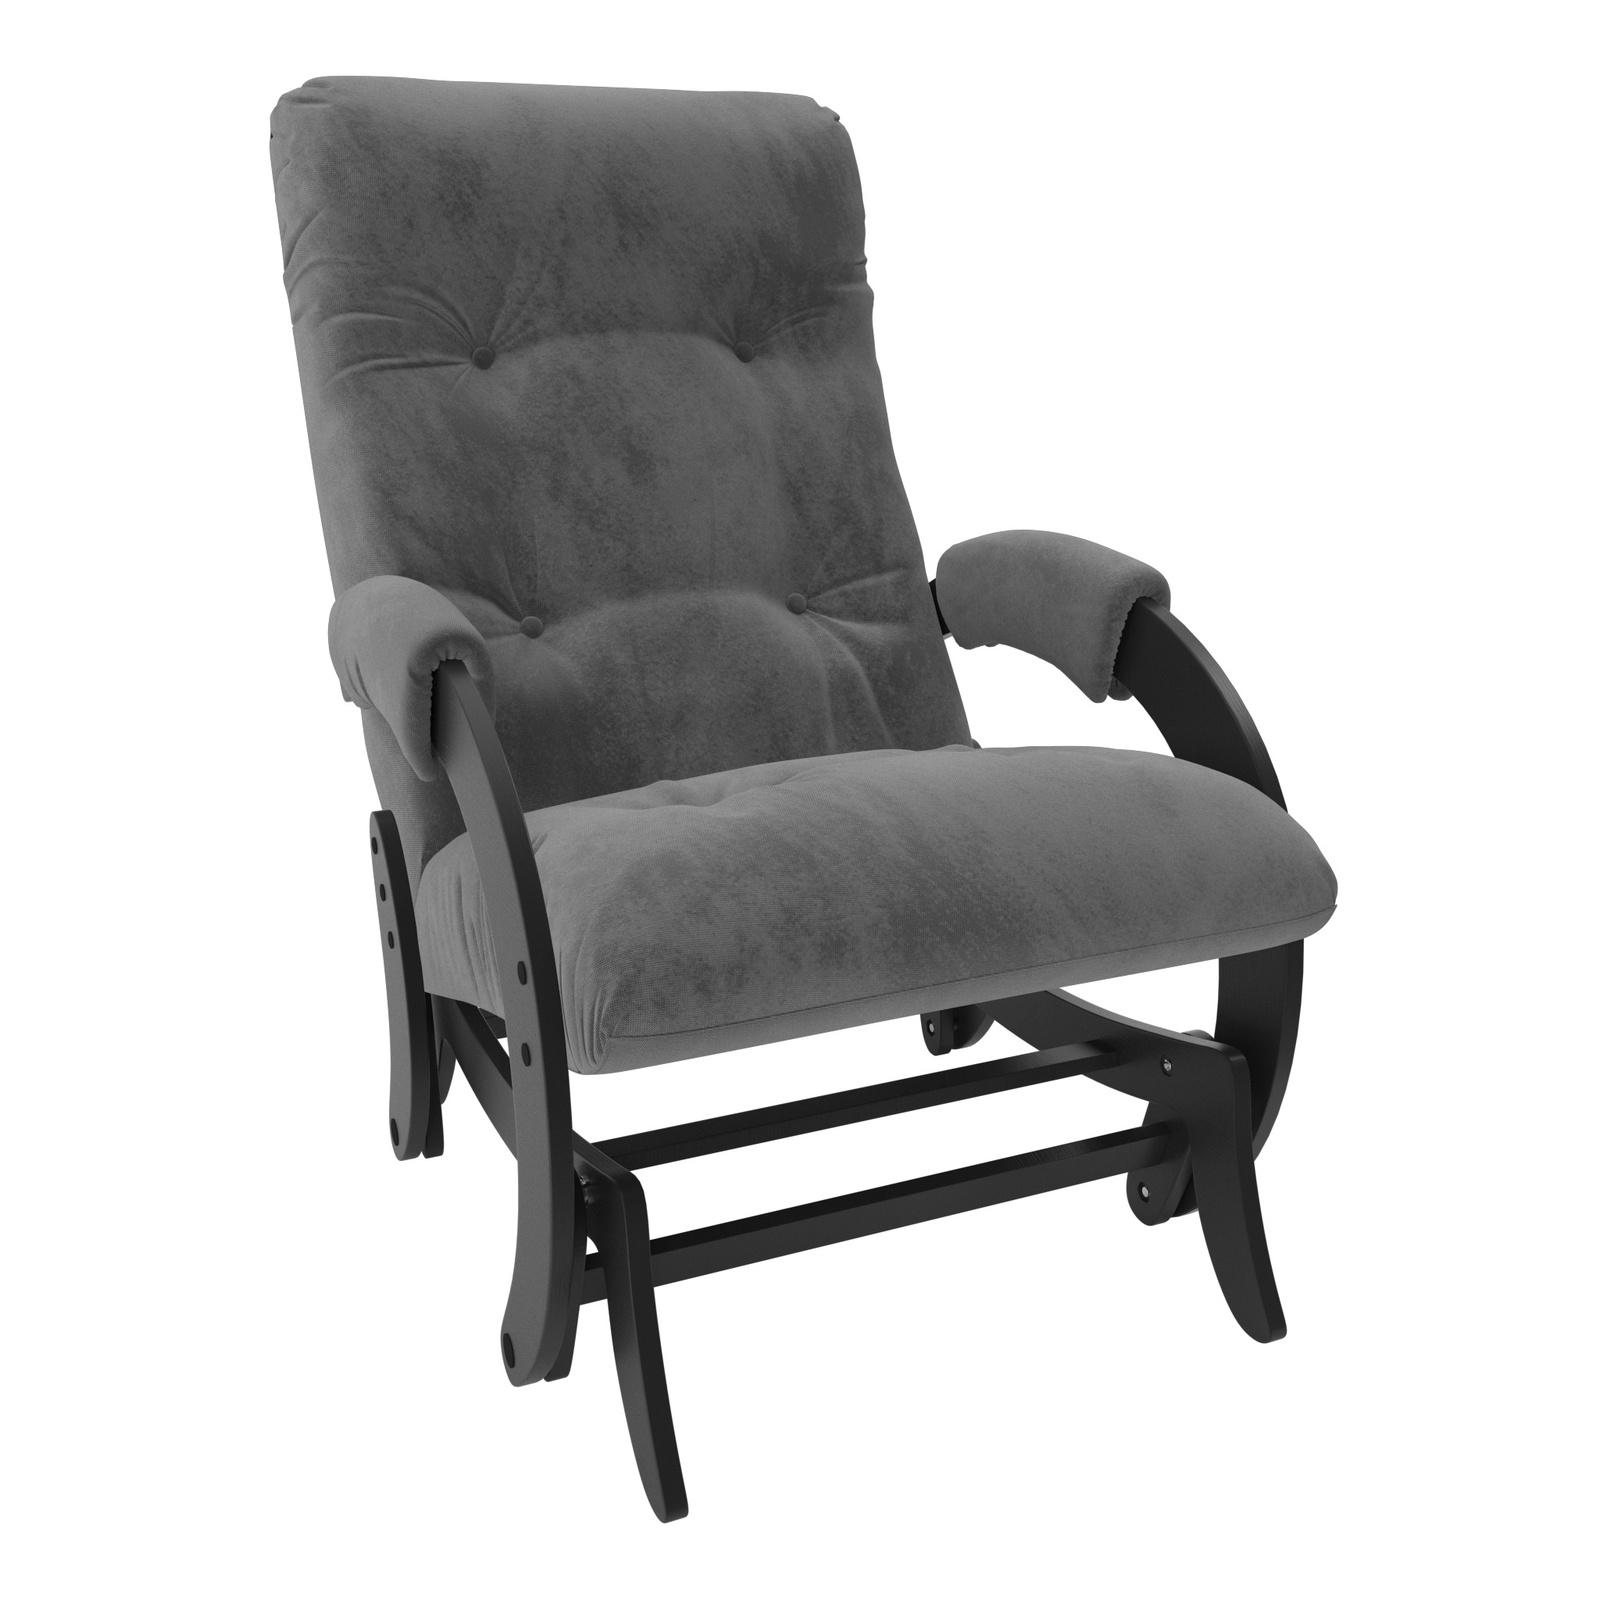 Кресло-качалка Комфорт model-68, серый